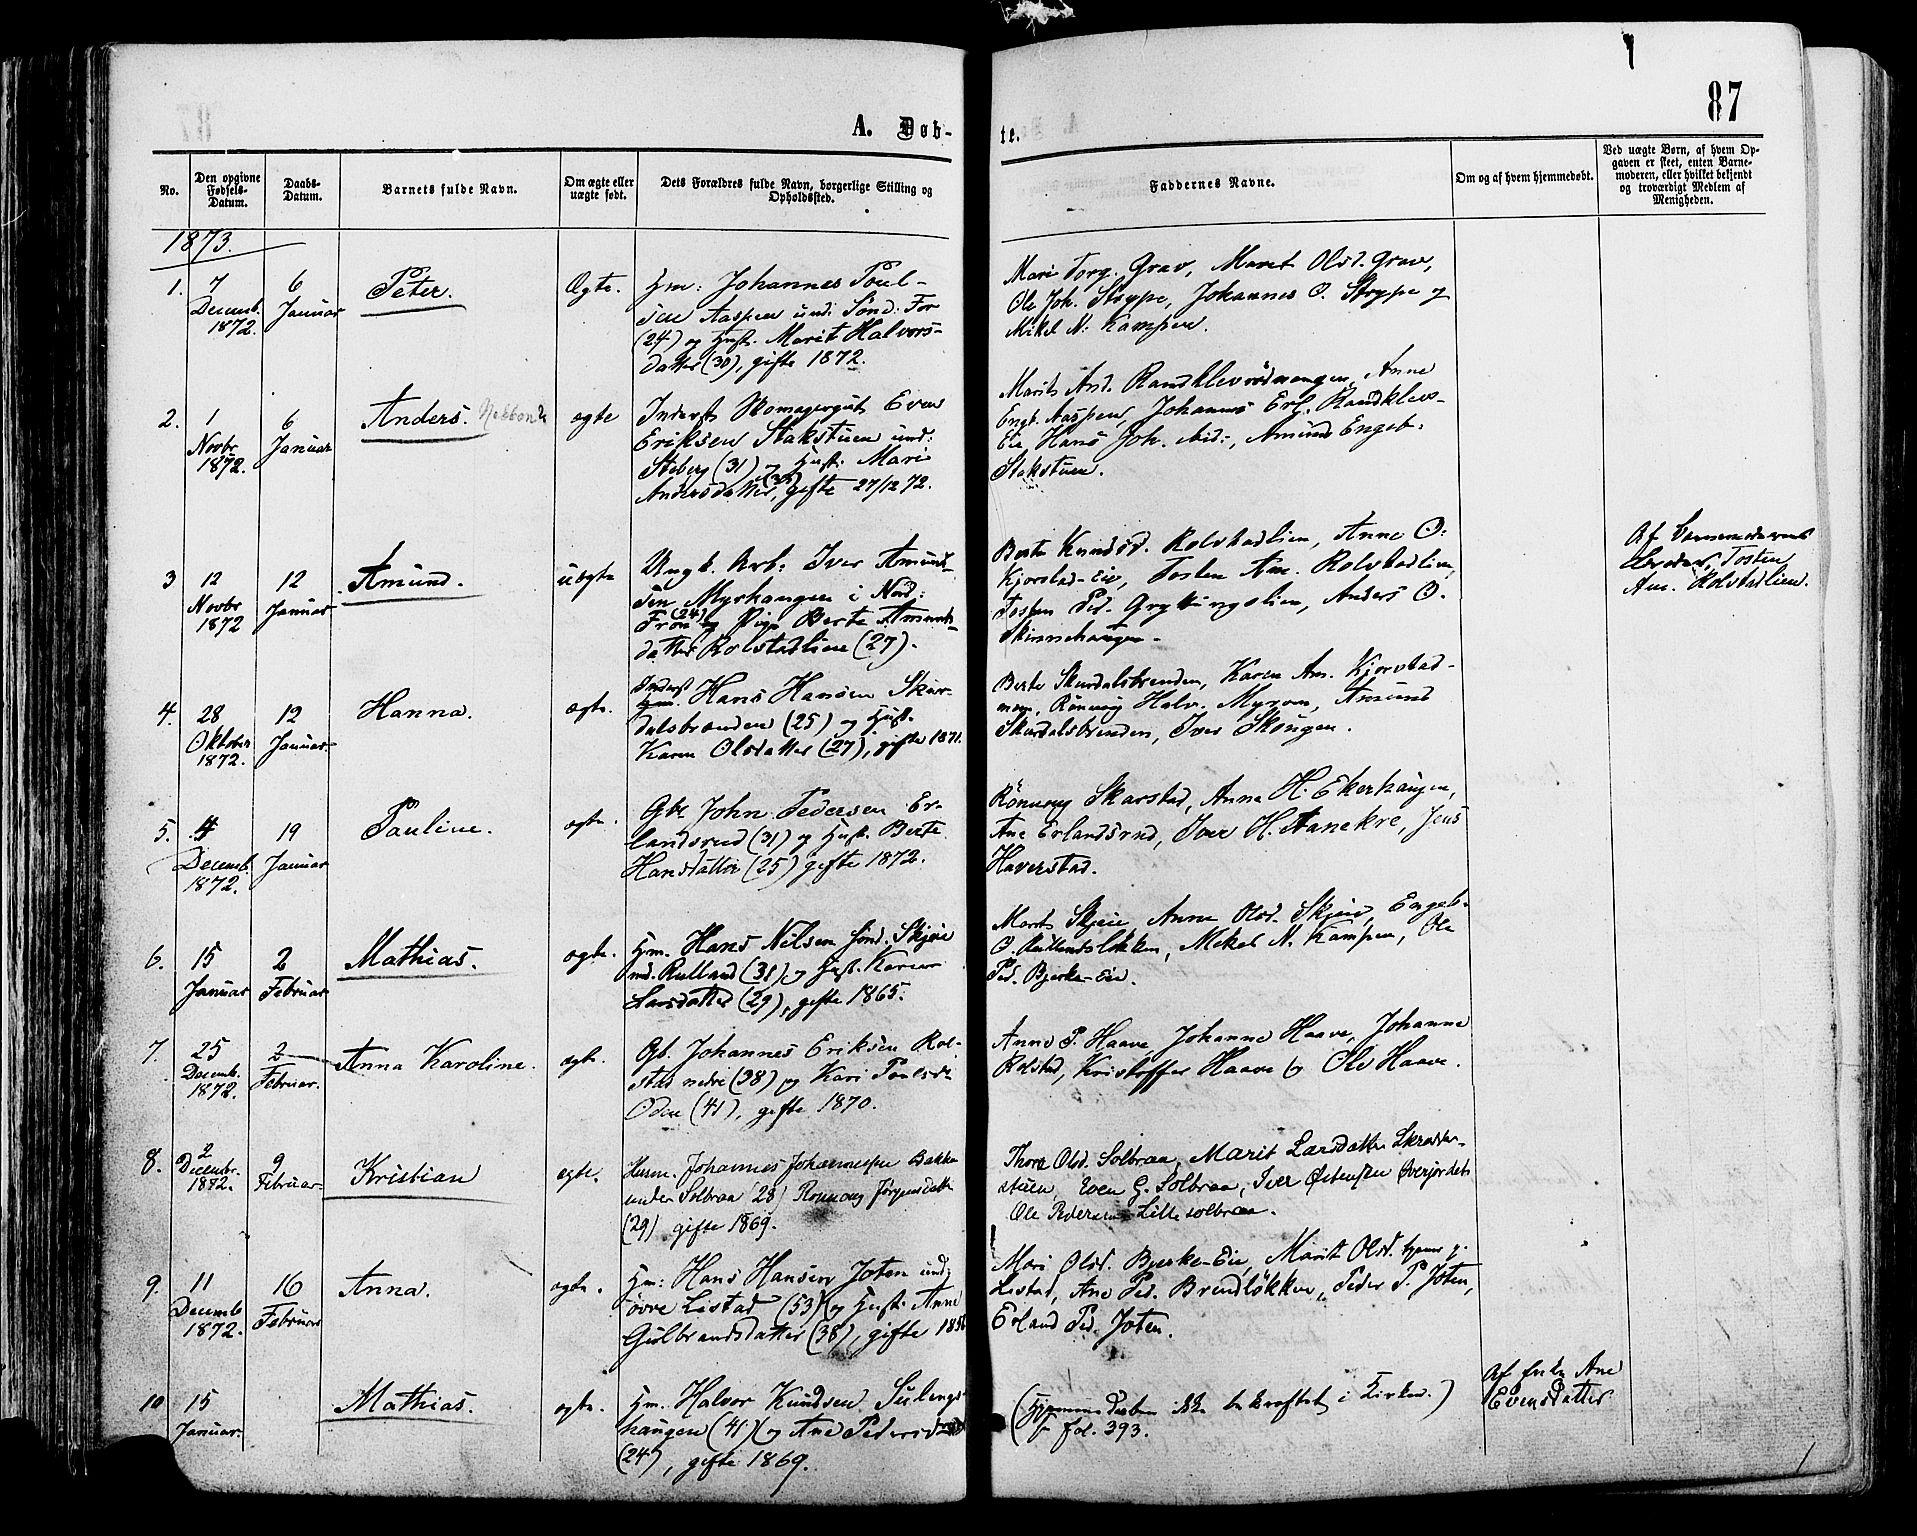 SAH, Sør-Fron prestekontor, H/Ha/Haa/L0002: Ministerialbok nr. 2, 1864-1880, s. 87